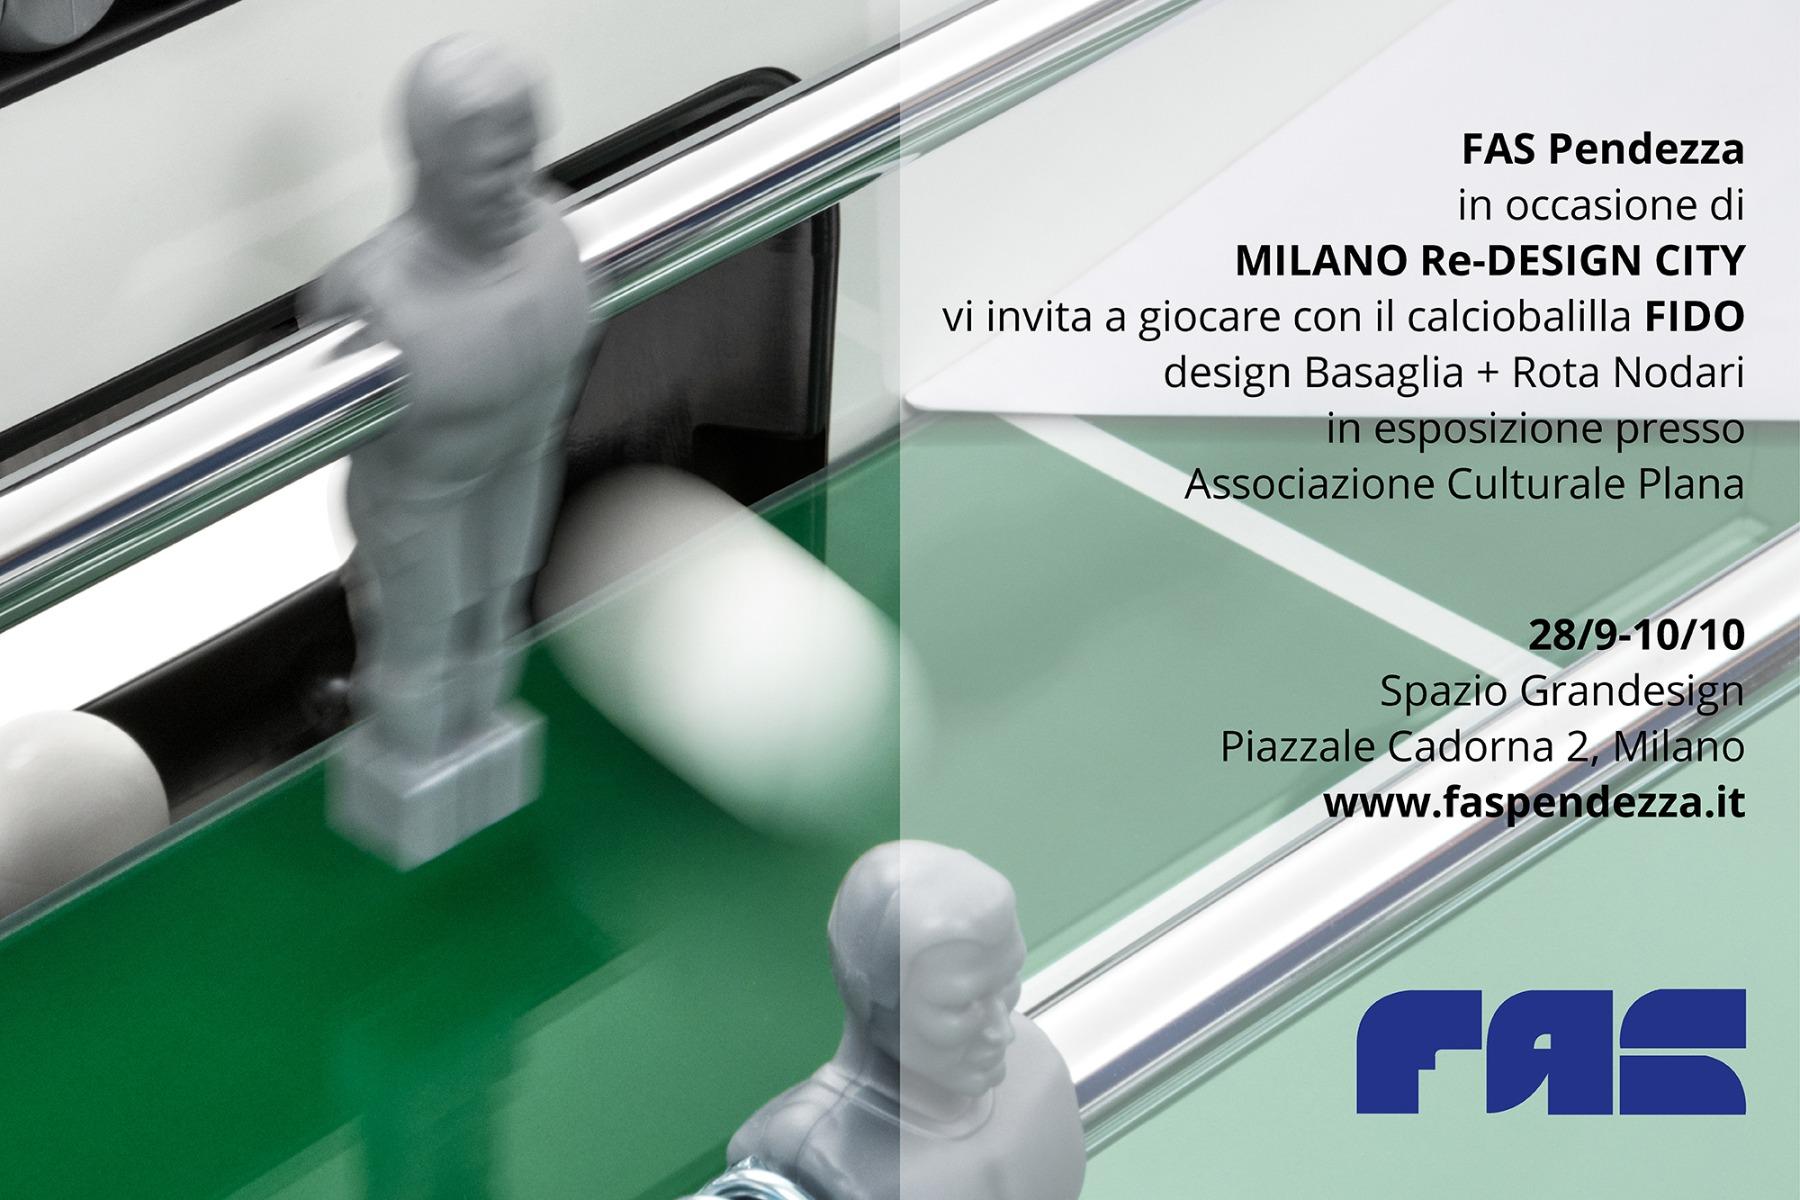 Fas Pendezza @ MILANO Re-DESIGN CITY